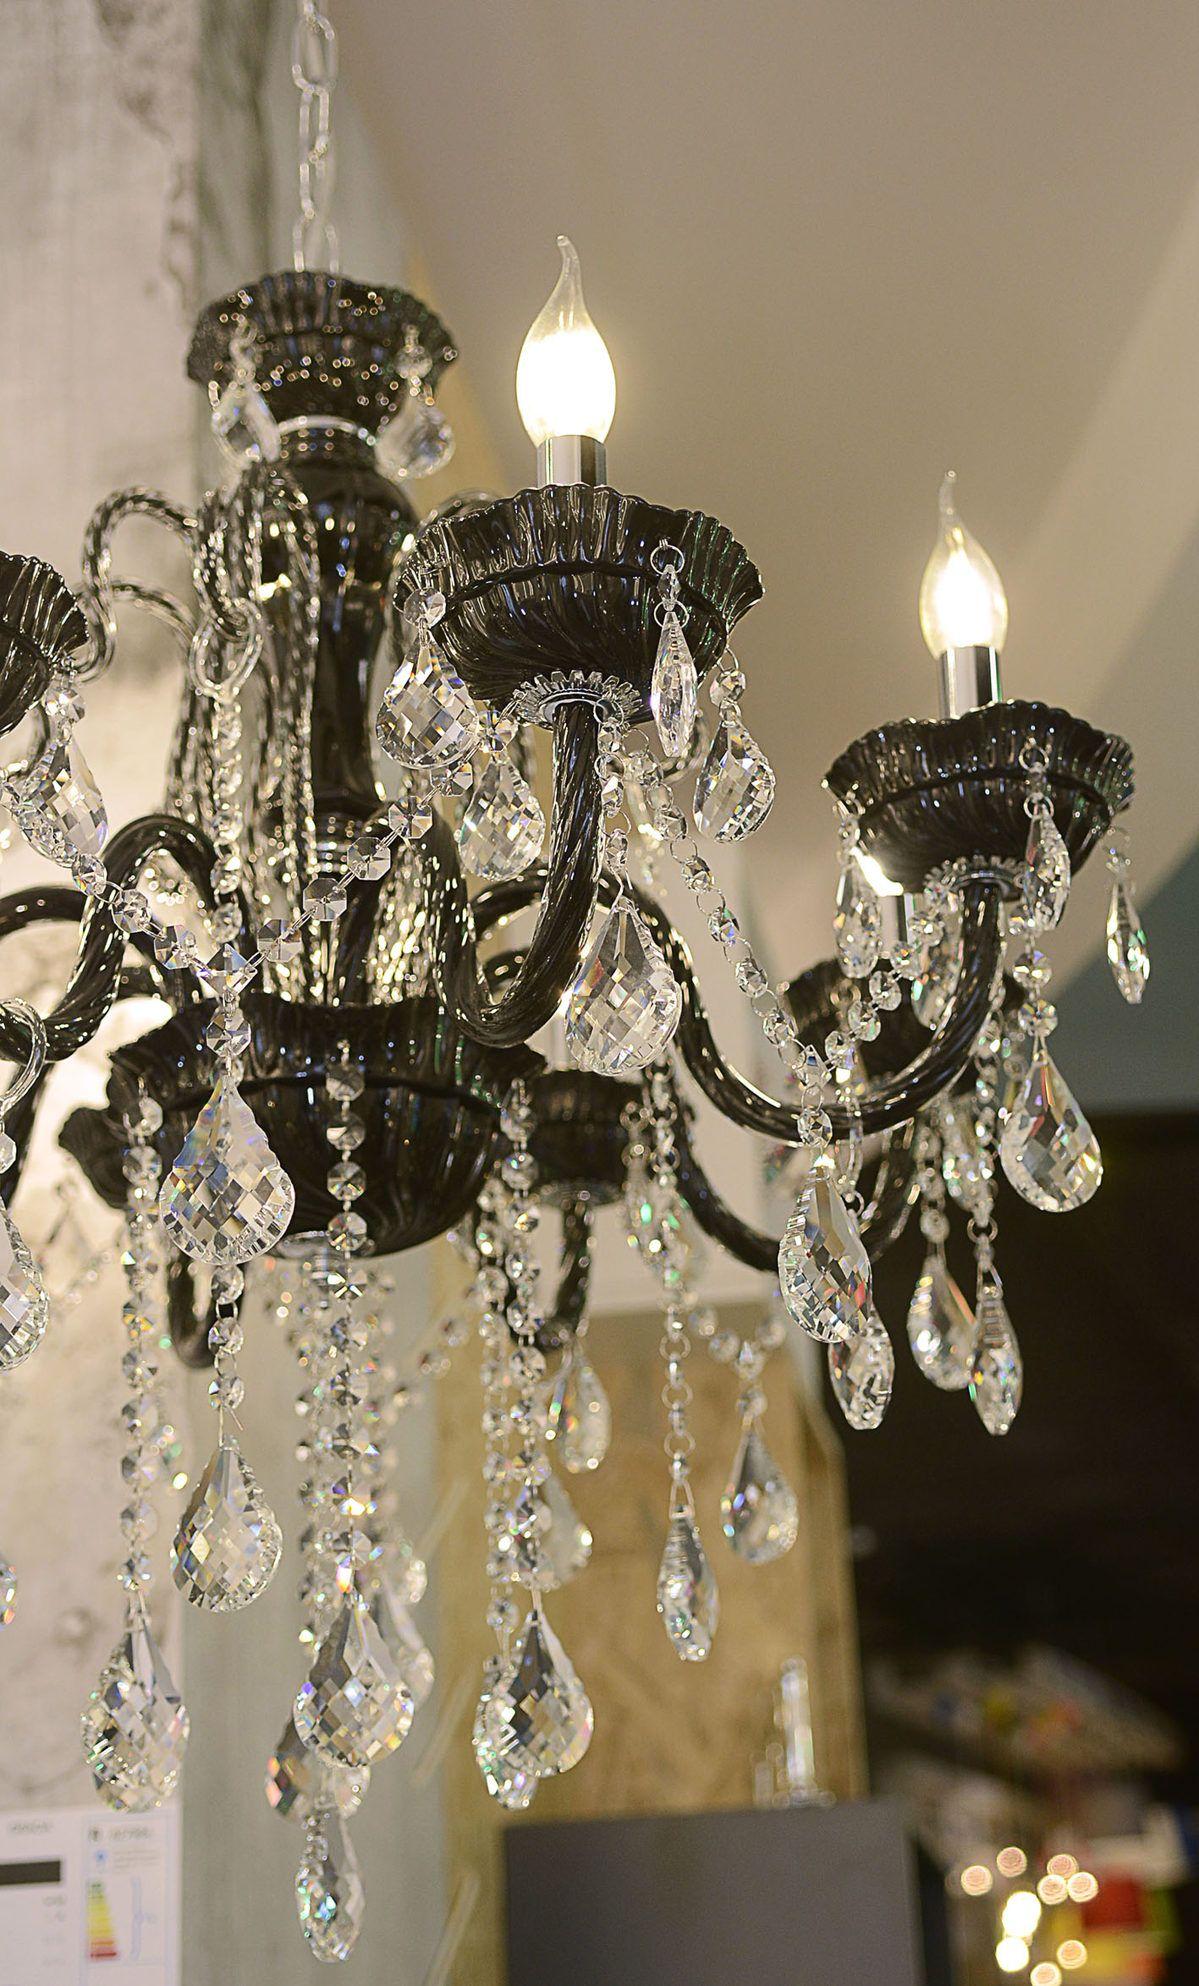 8 Flammiger Kristall Lüster Gracia | Kristallglas Schwarz | Mit Klaren  Kristallanhänger #Kronleuchter #Pendelleuchte #pinoftheday #home #Licht  #Beleuchtung ...